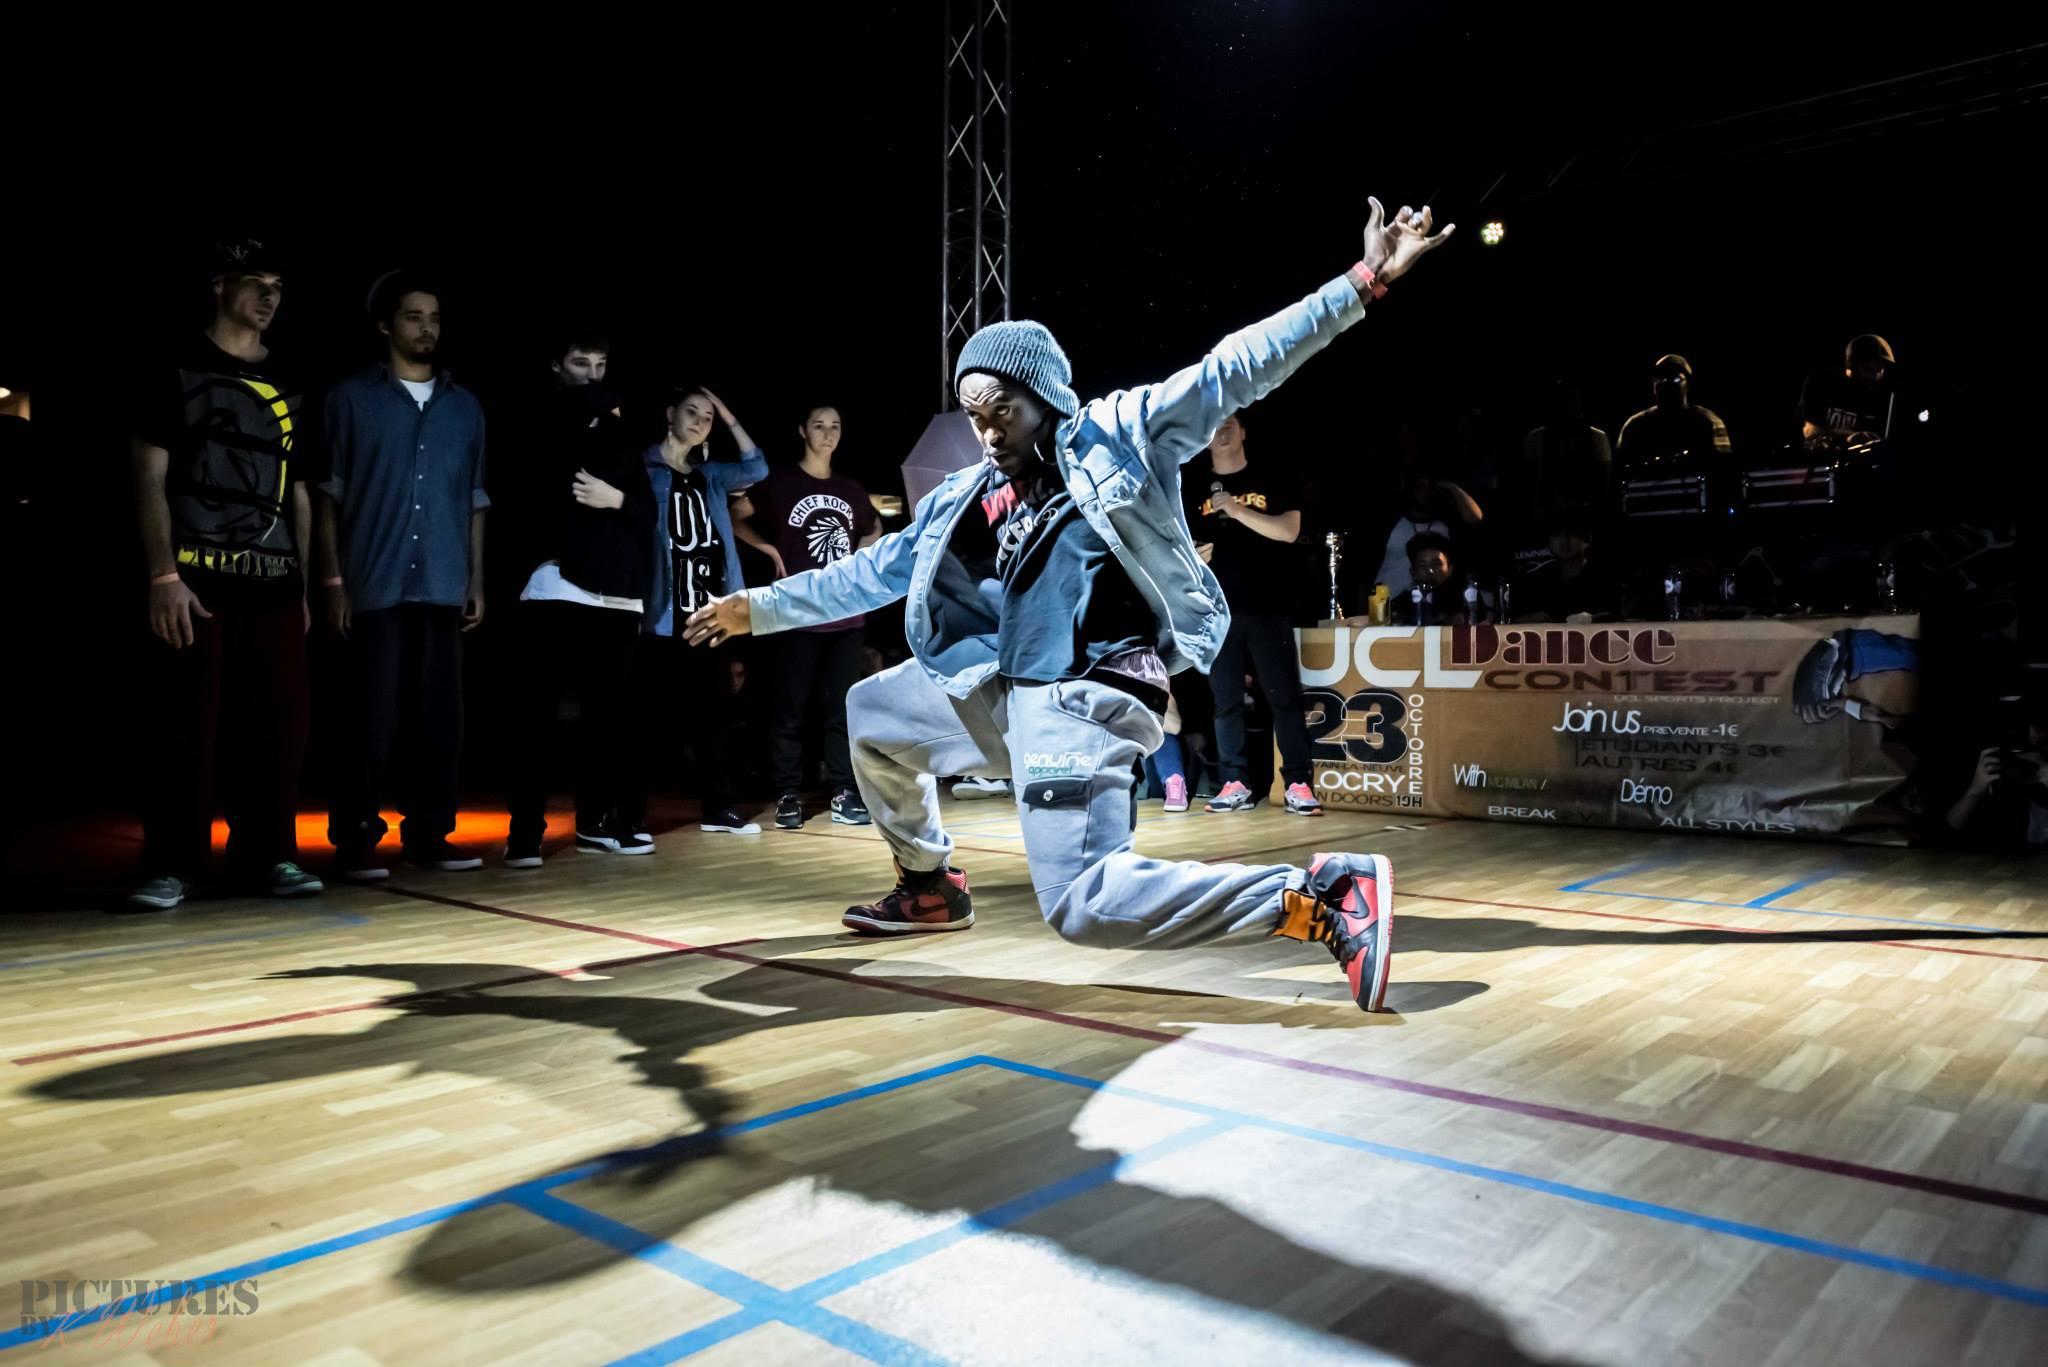 Eric en pleine action ! #DanceWeCan